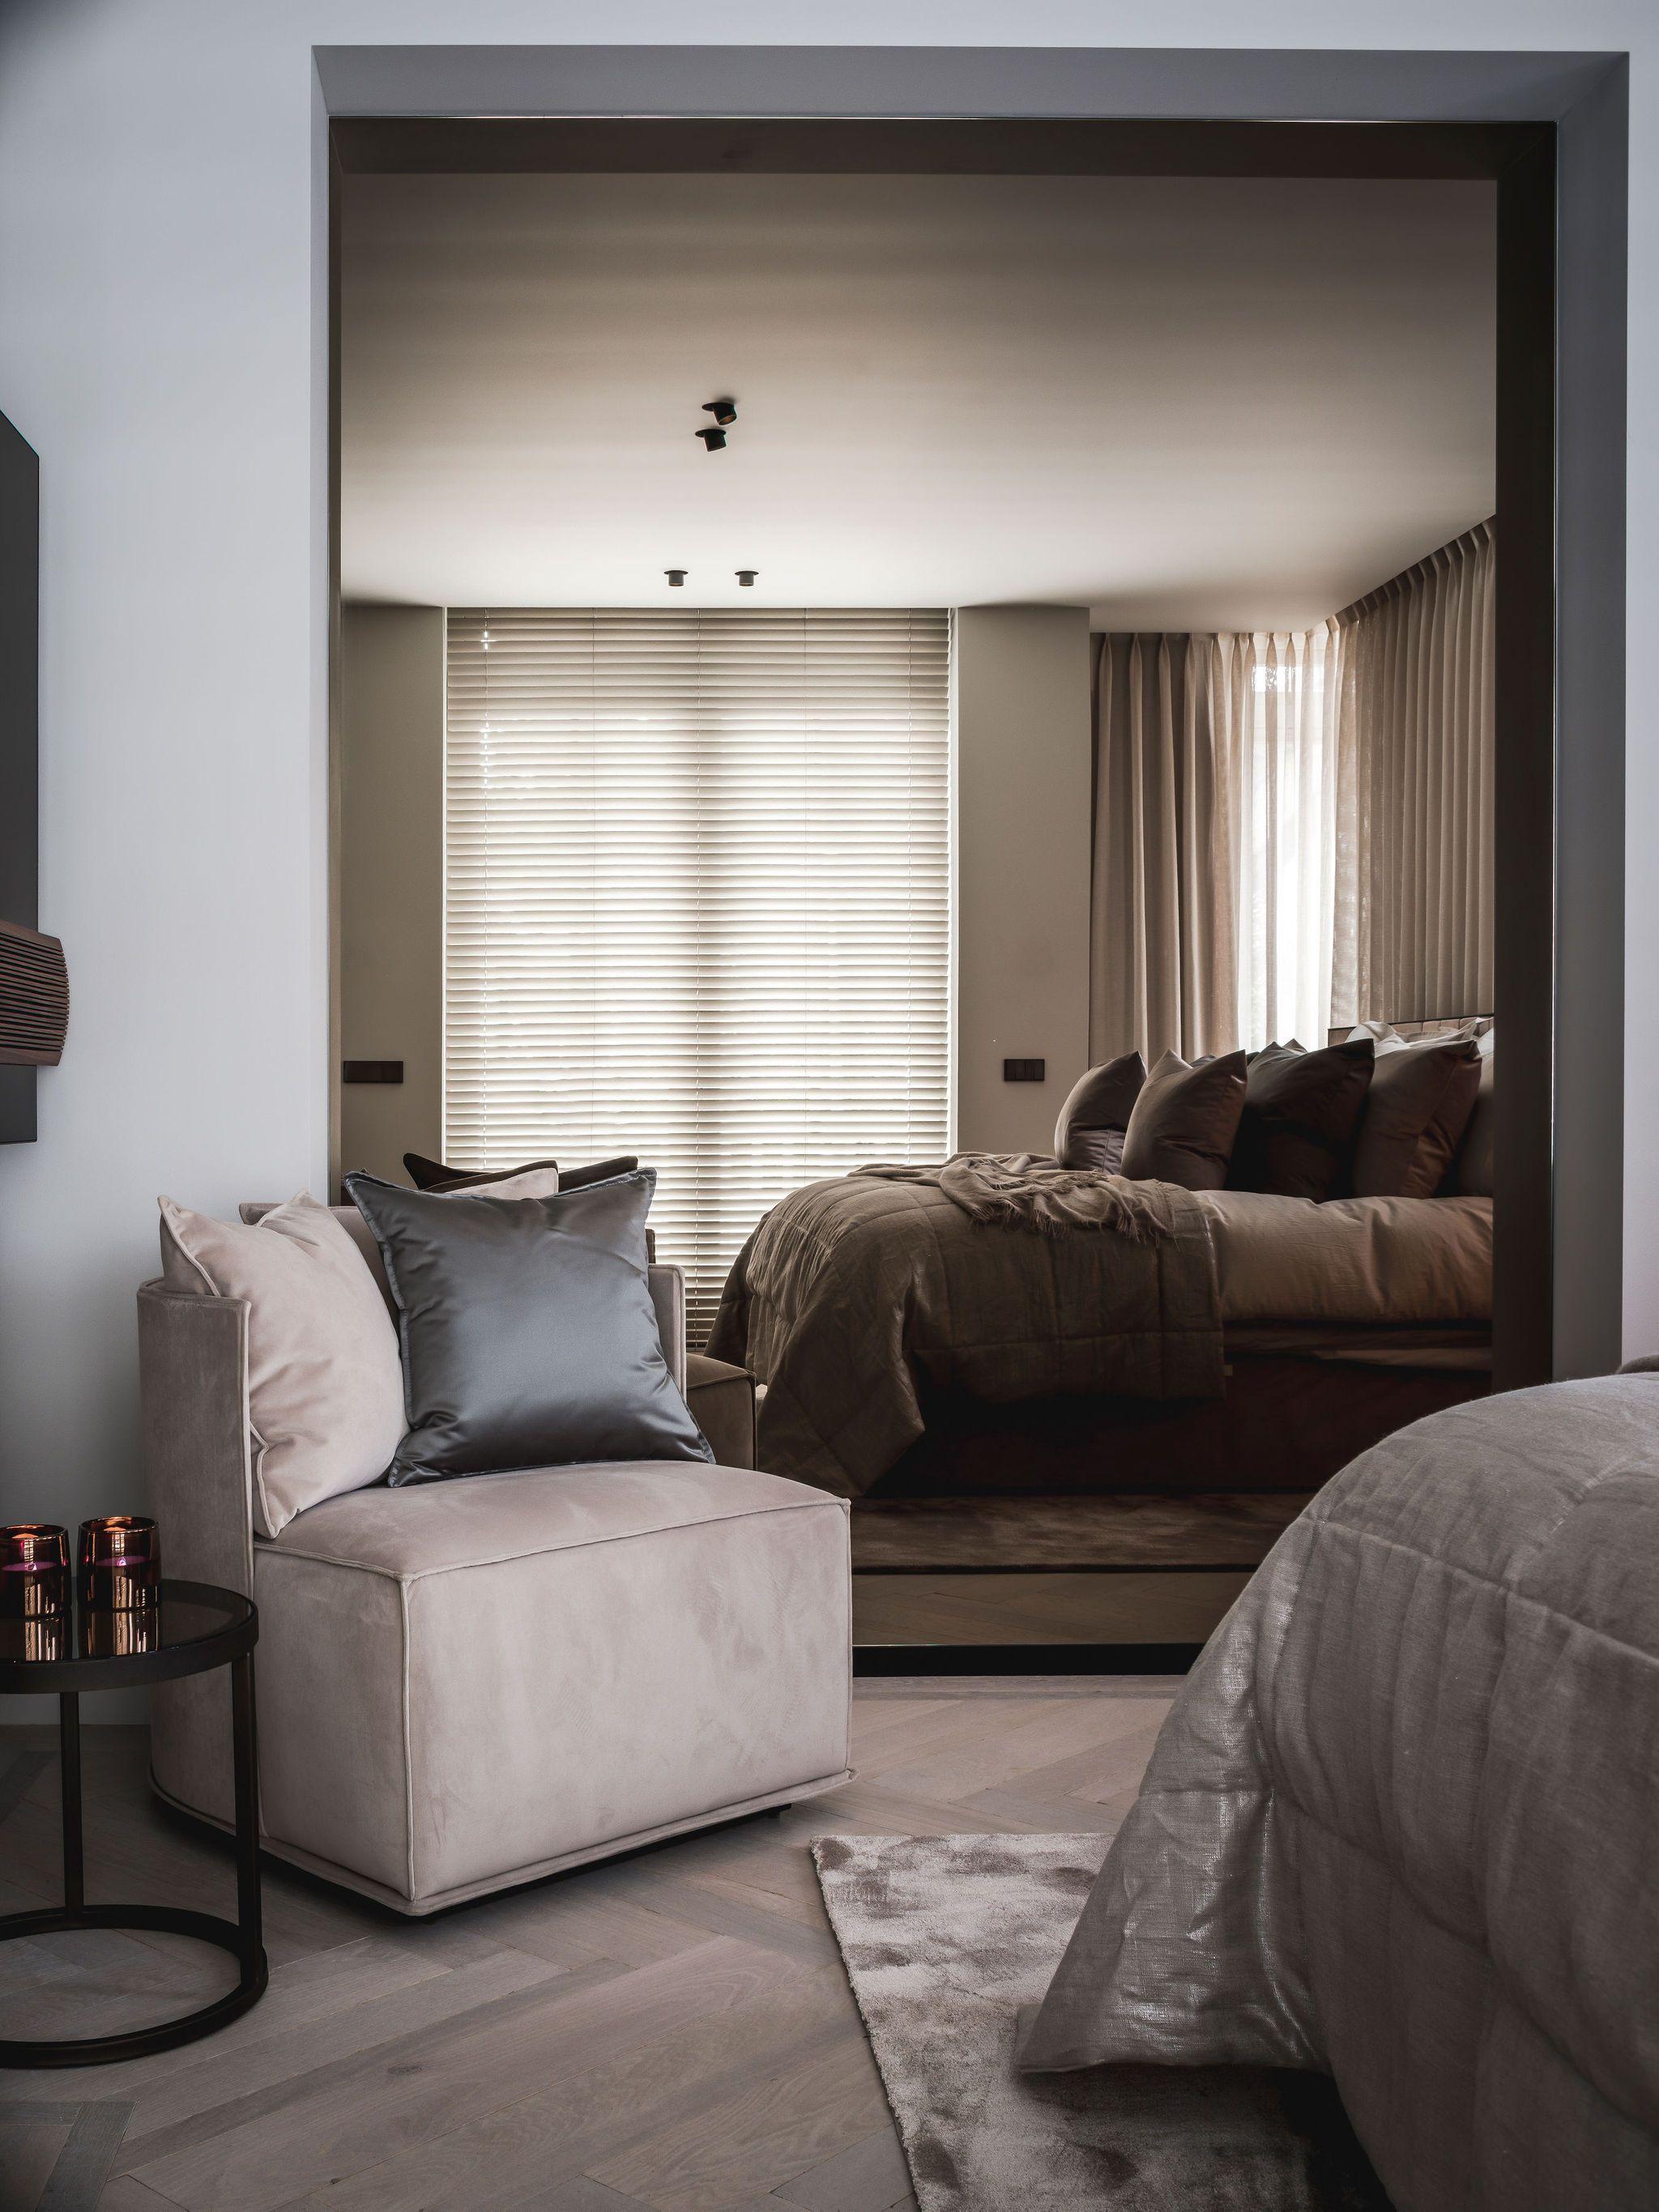 Pure luxury... #bybertram #bedroom #interiordesign #interiorinspiration #slaapkamerdesign